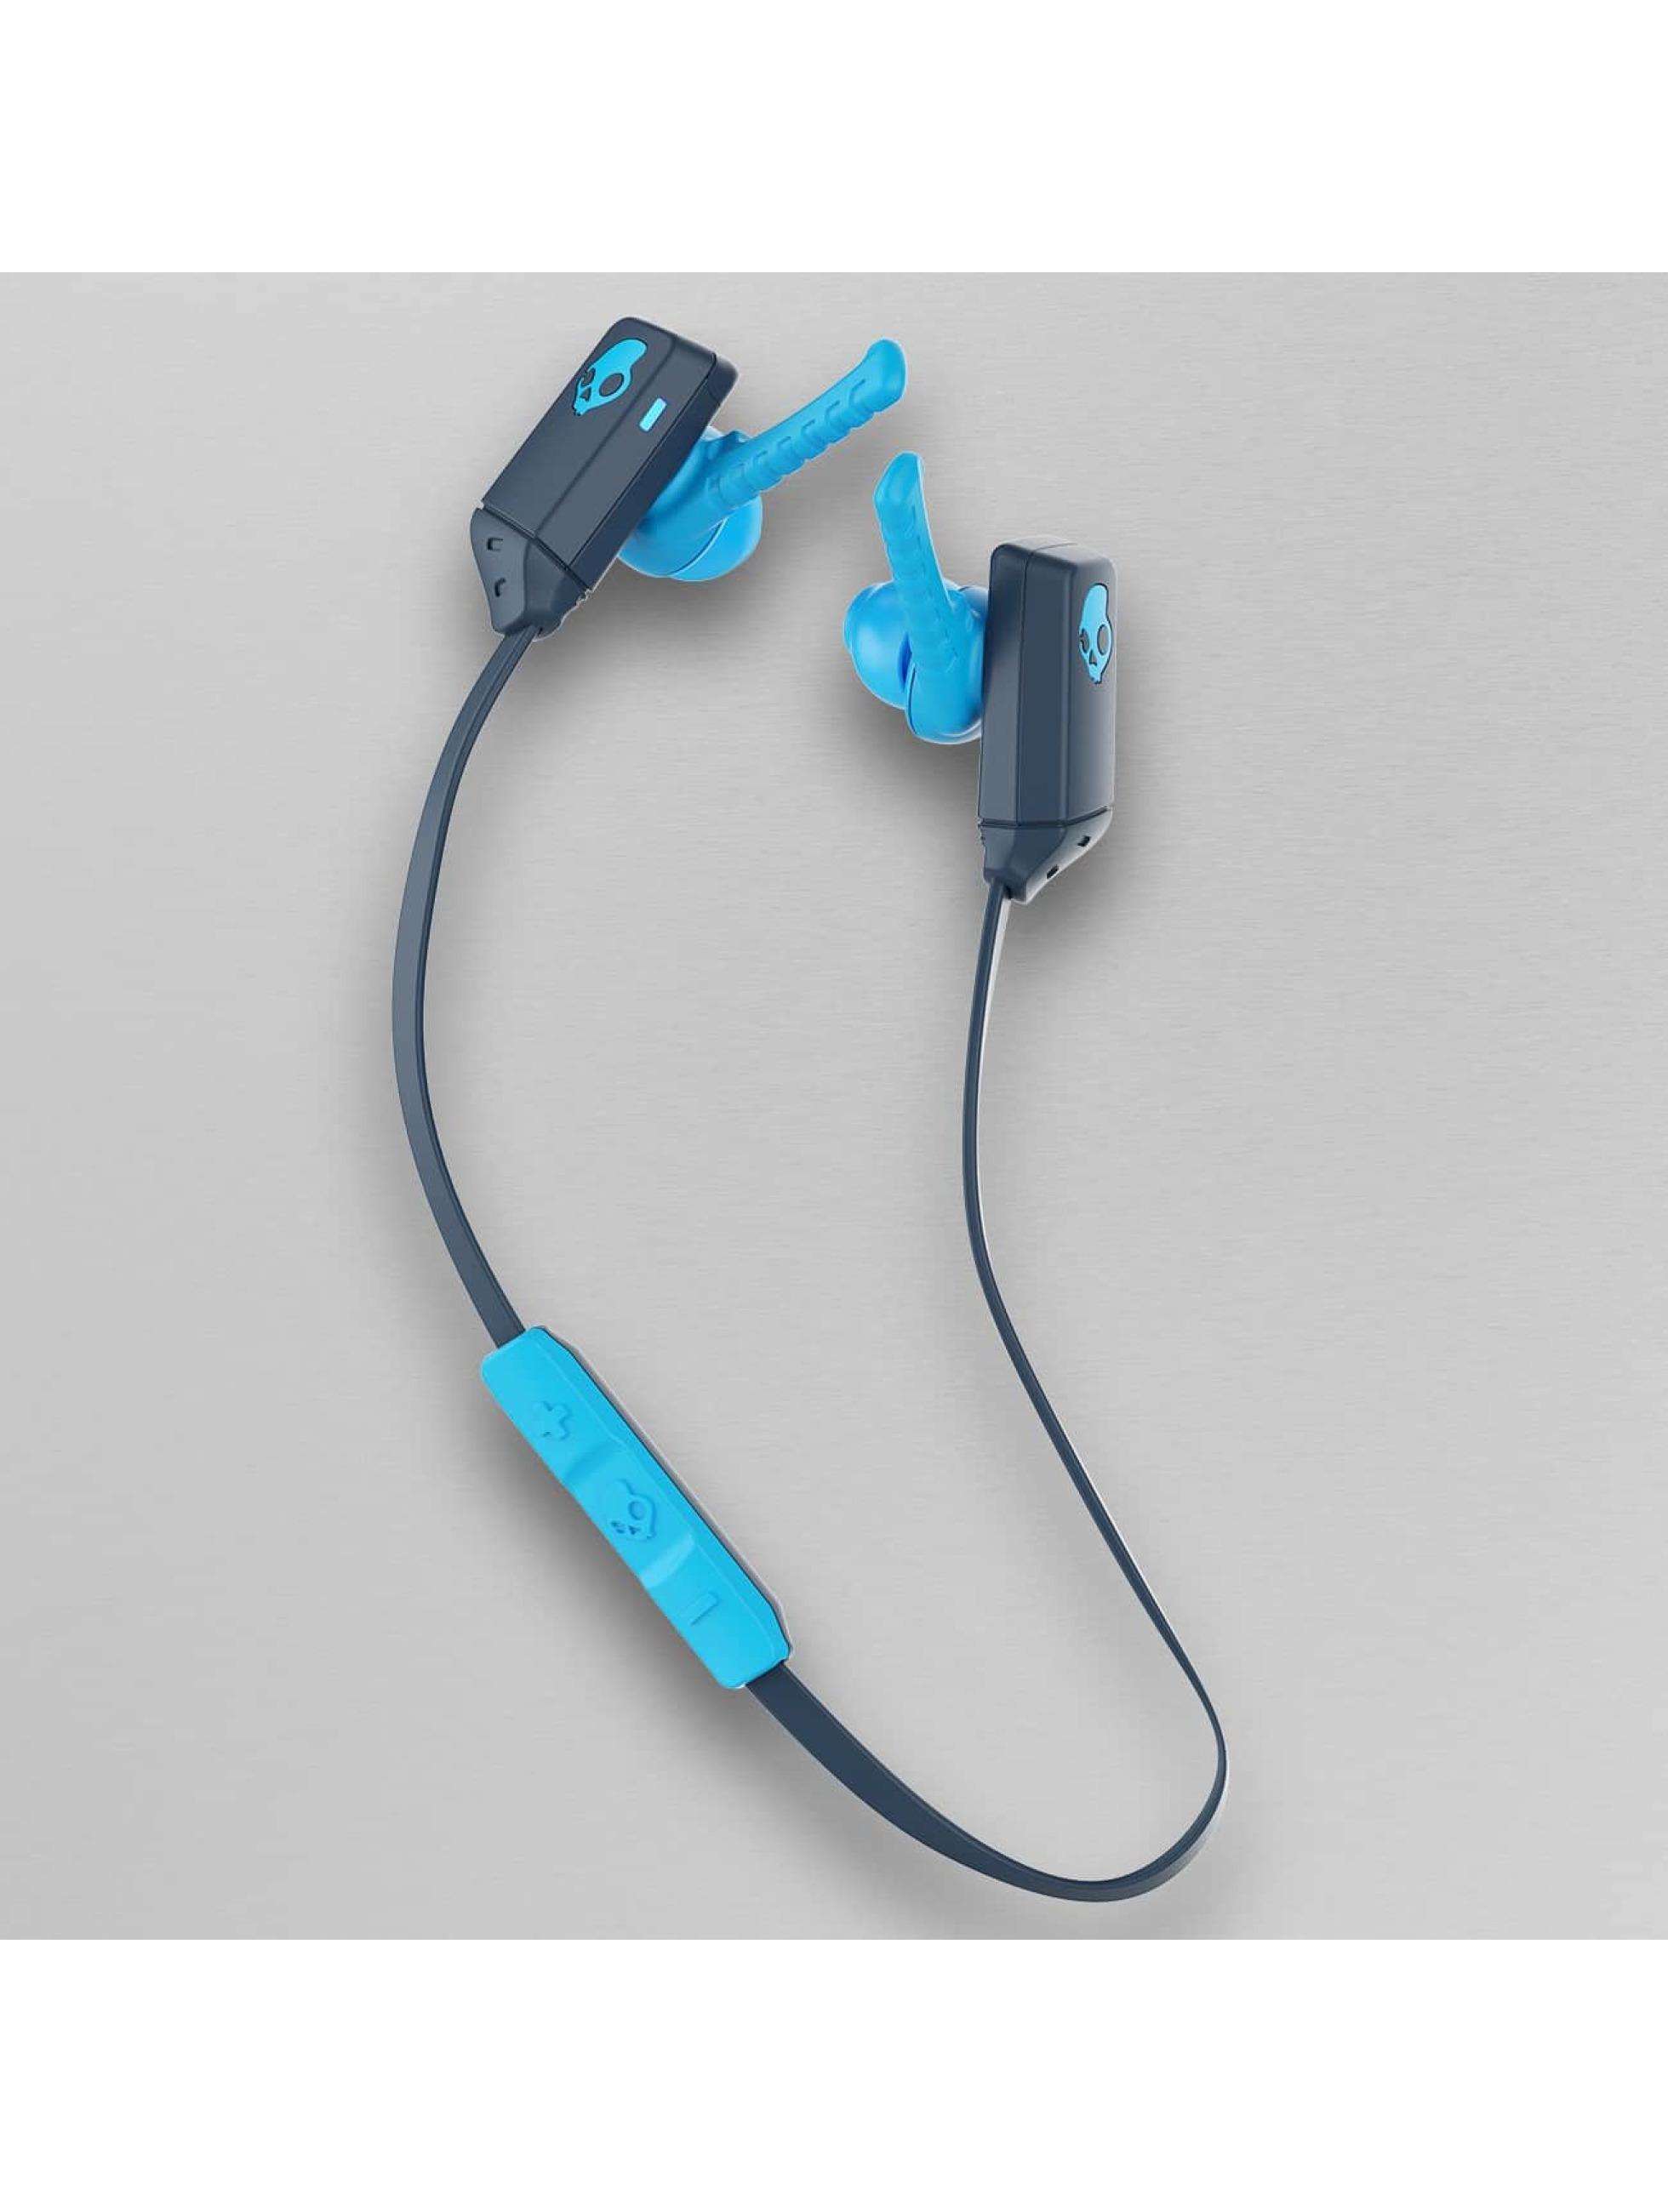 Skullcandy Männer,Frauen Kopfhörer XT Free Wireless in blau